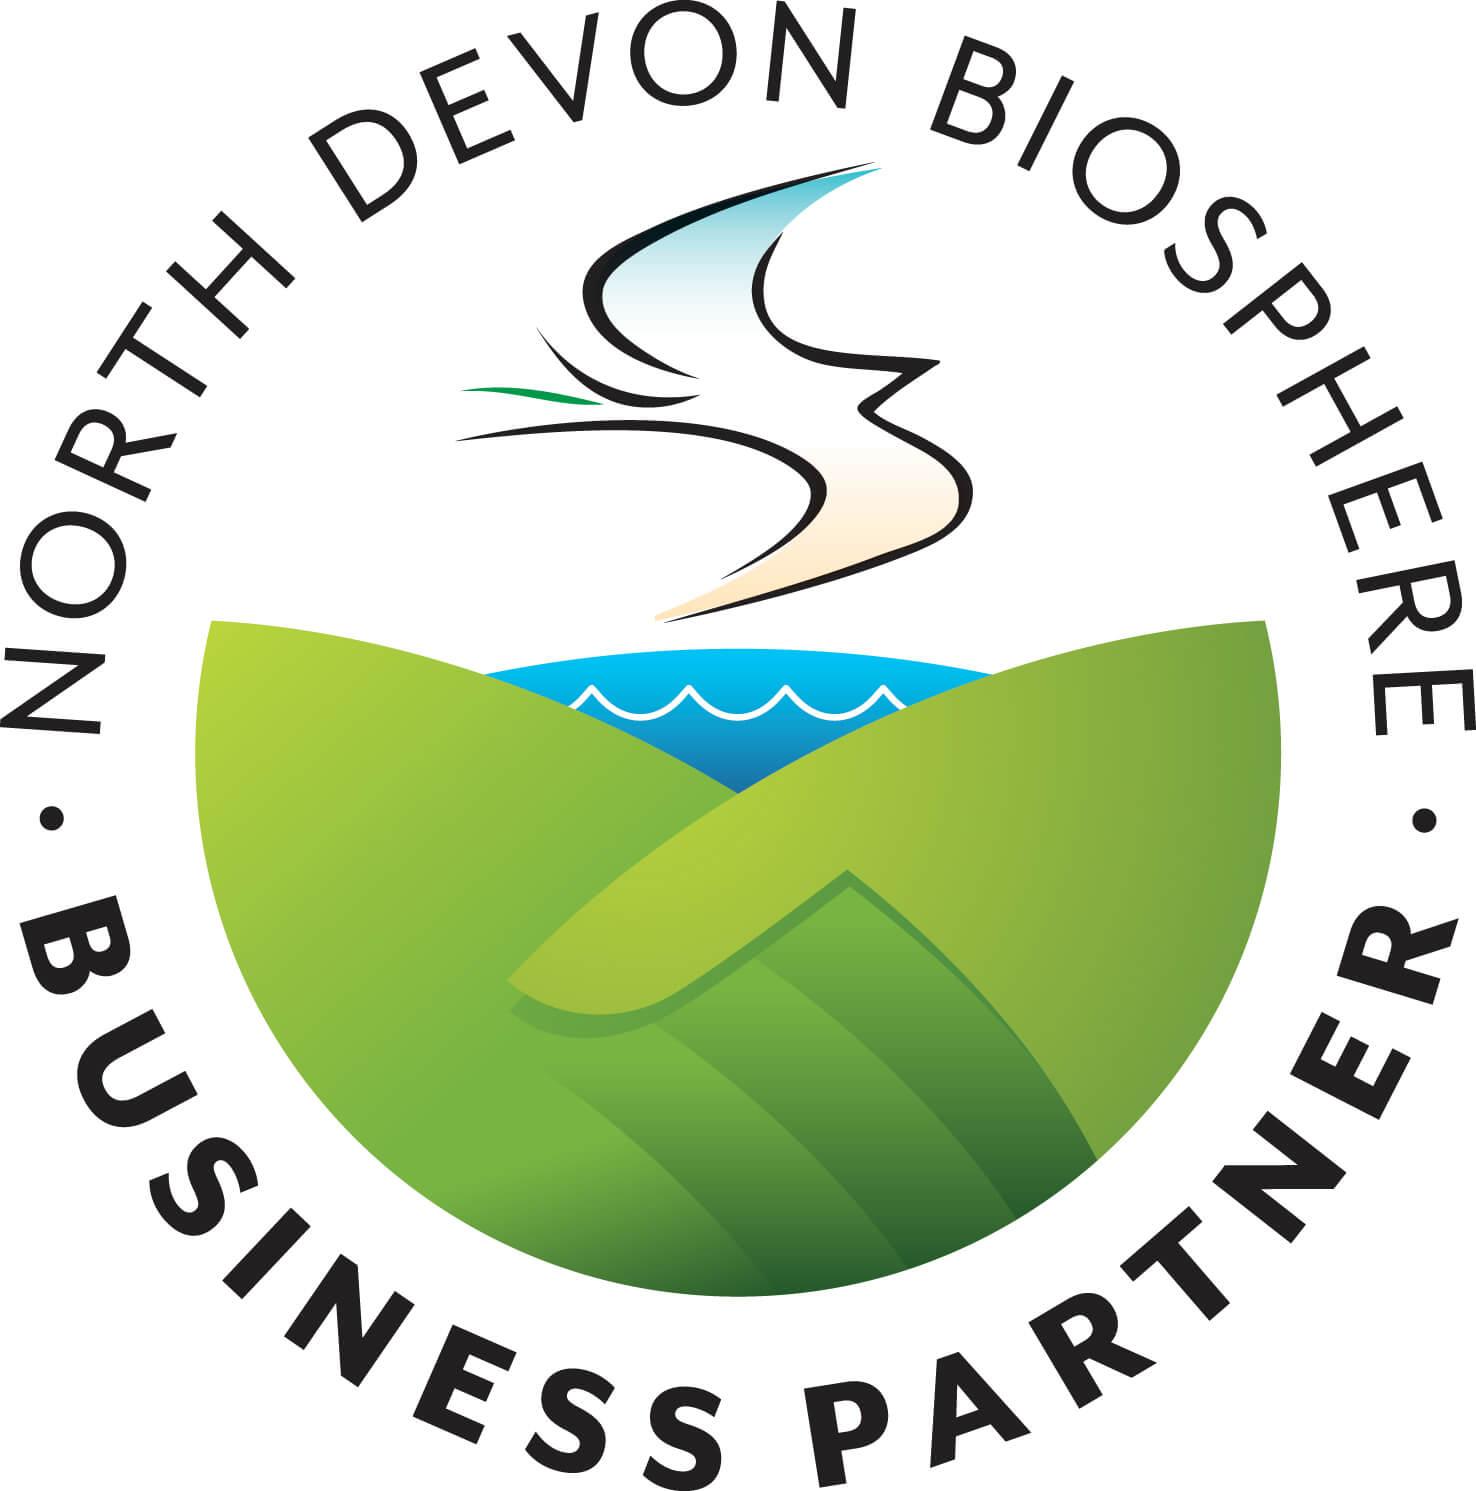 North Devon Biosphere Business Partner